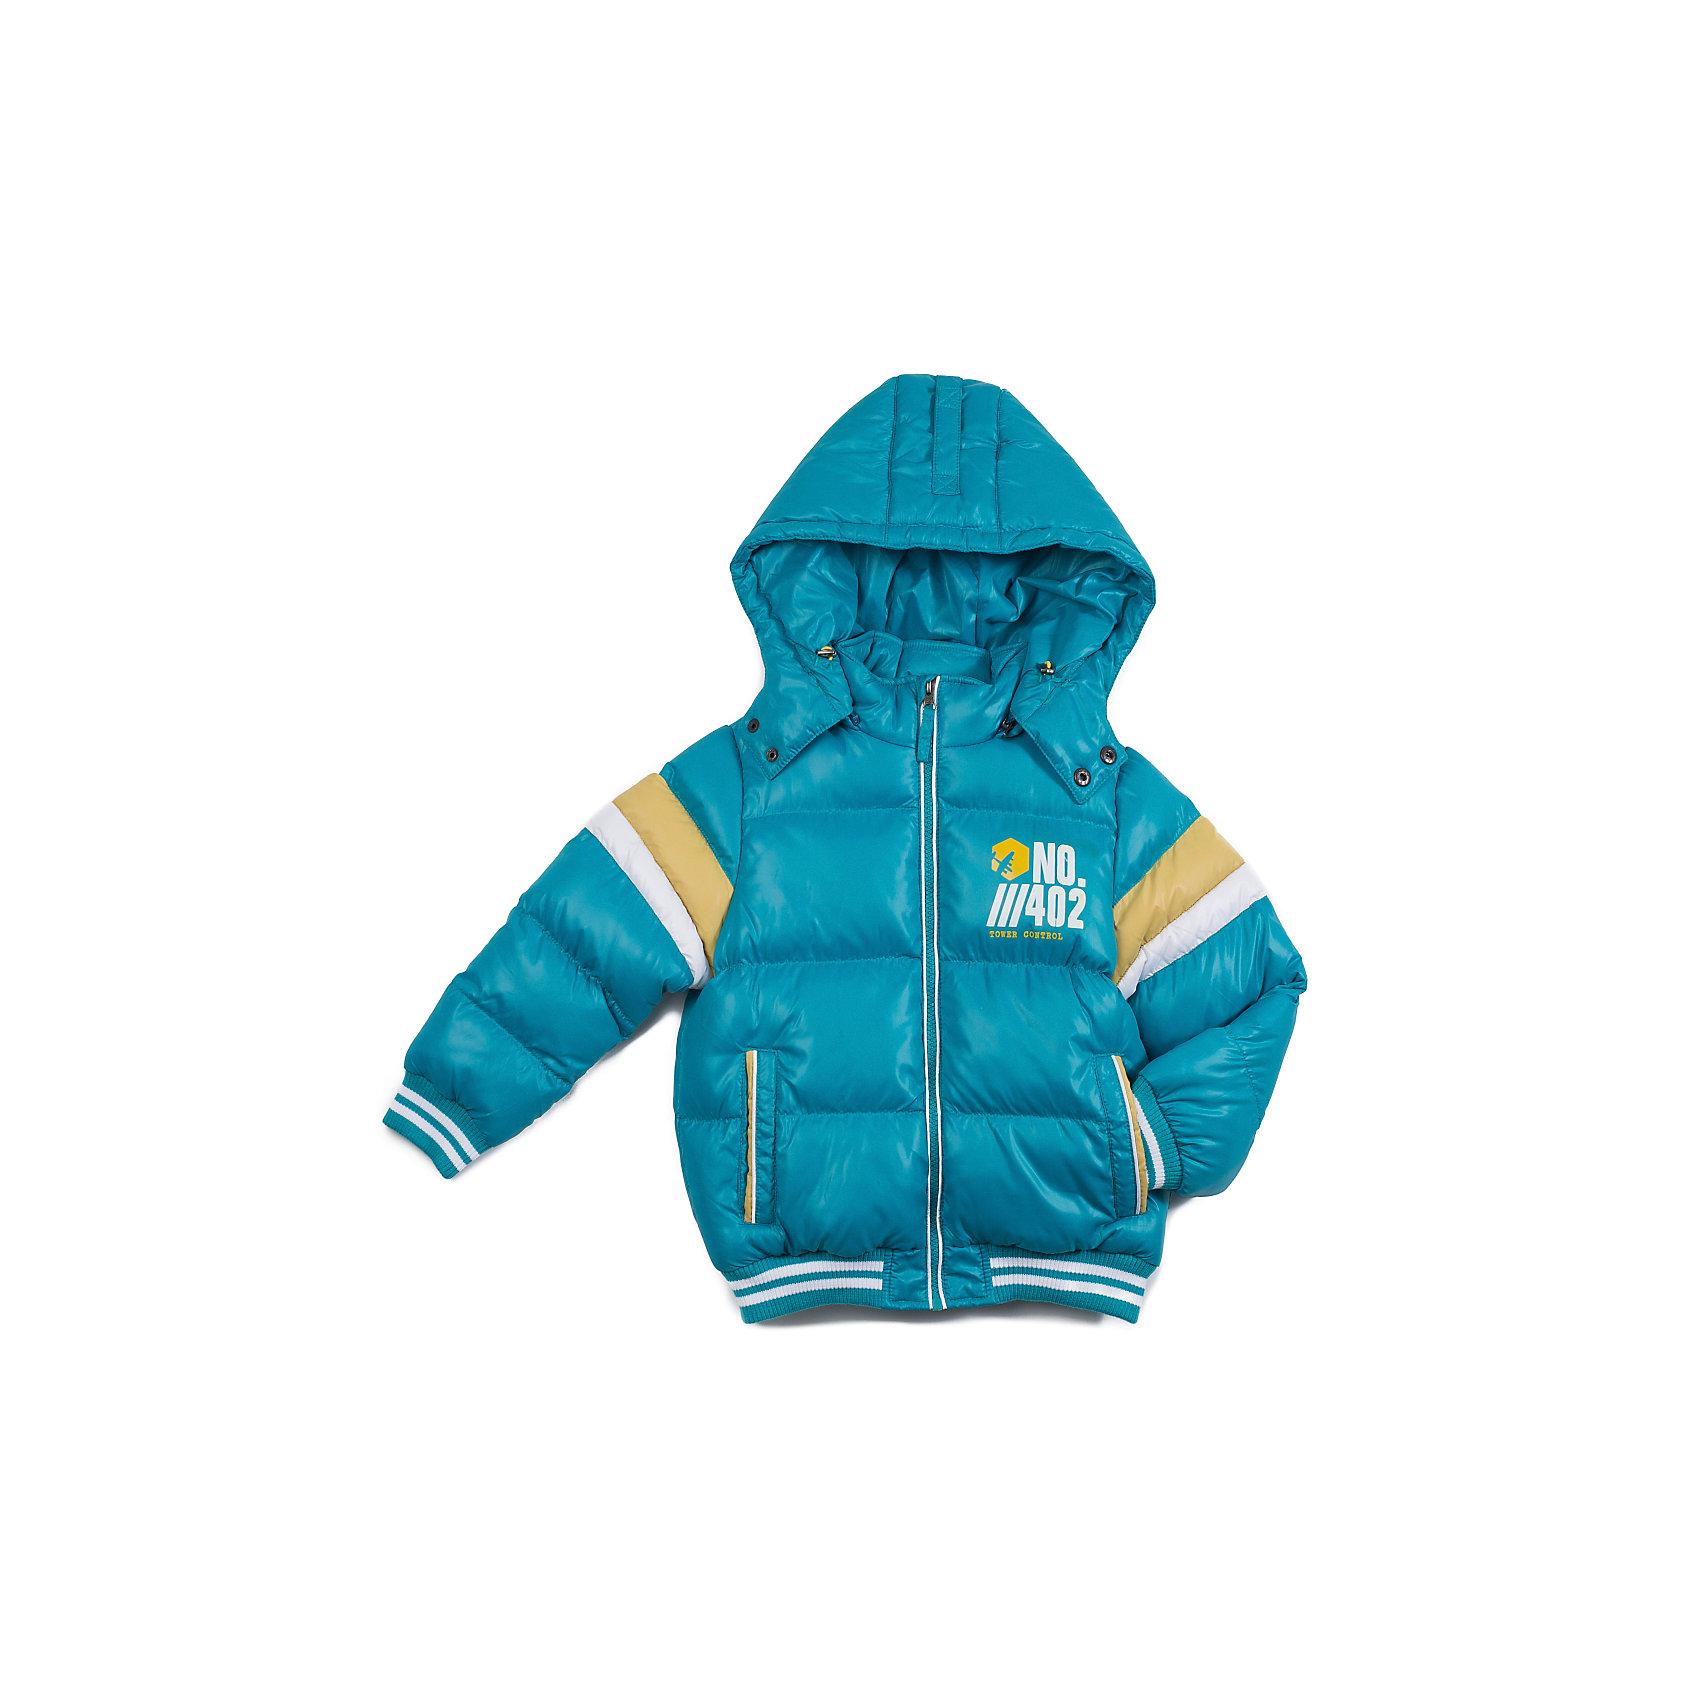 Куртка для мальчика Sweet BerryКуртка для мальчика утепленная, на флисовой подкладке, декорирована вставками на рукавах из контрастной ткани и модным принтом.<br>Состав:<br>Верх: 100% полиэстер, Подкладка: 100%полиэстер, Наполнитель: 100%полиэстер<br><br>Ширина мм: 356<br>Глубина мм: 10<br>Высота мм: 245<br>Вес г: 519<br>Цвет: голубой<br>Возраст от месяцев: 72<br>Возраст до месяцев: 84<br>Пол: Мужской<br>Возраст: Детский<br>Размер: 122,116,104,98,128,110<br>SKU: 4273375